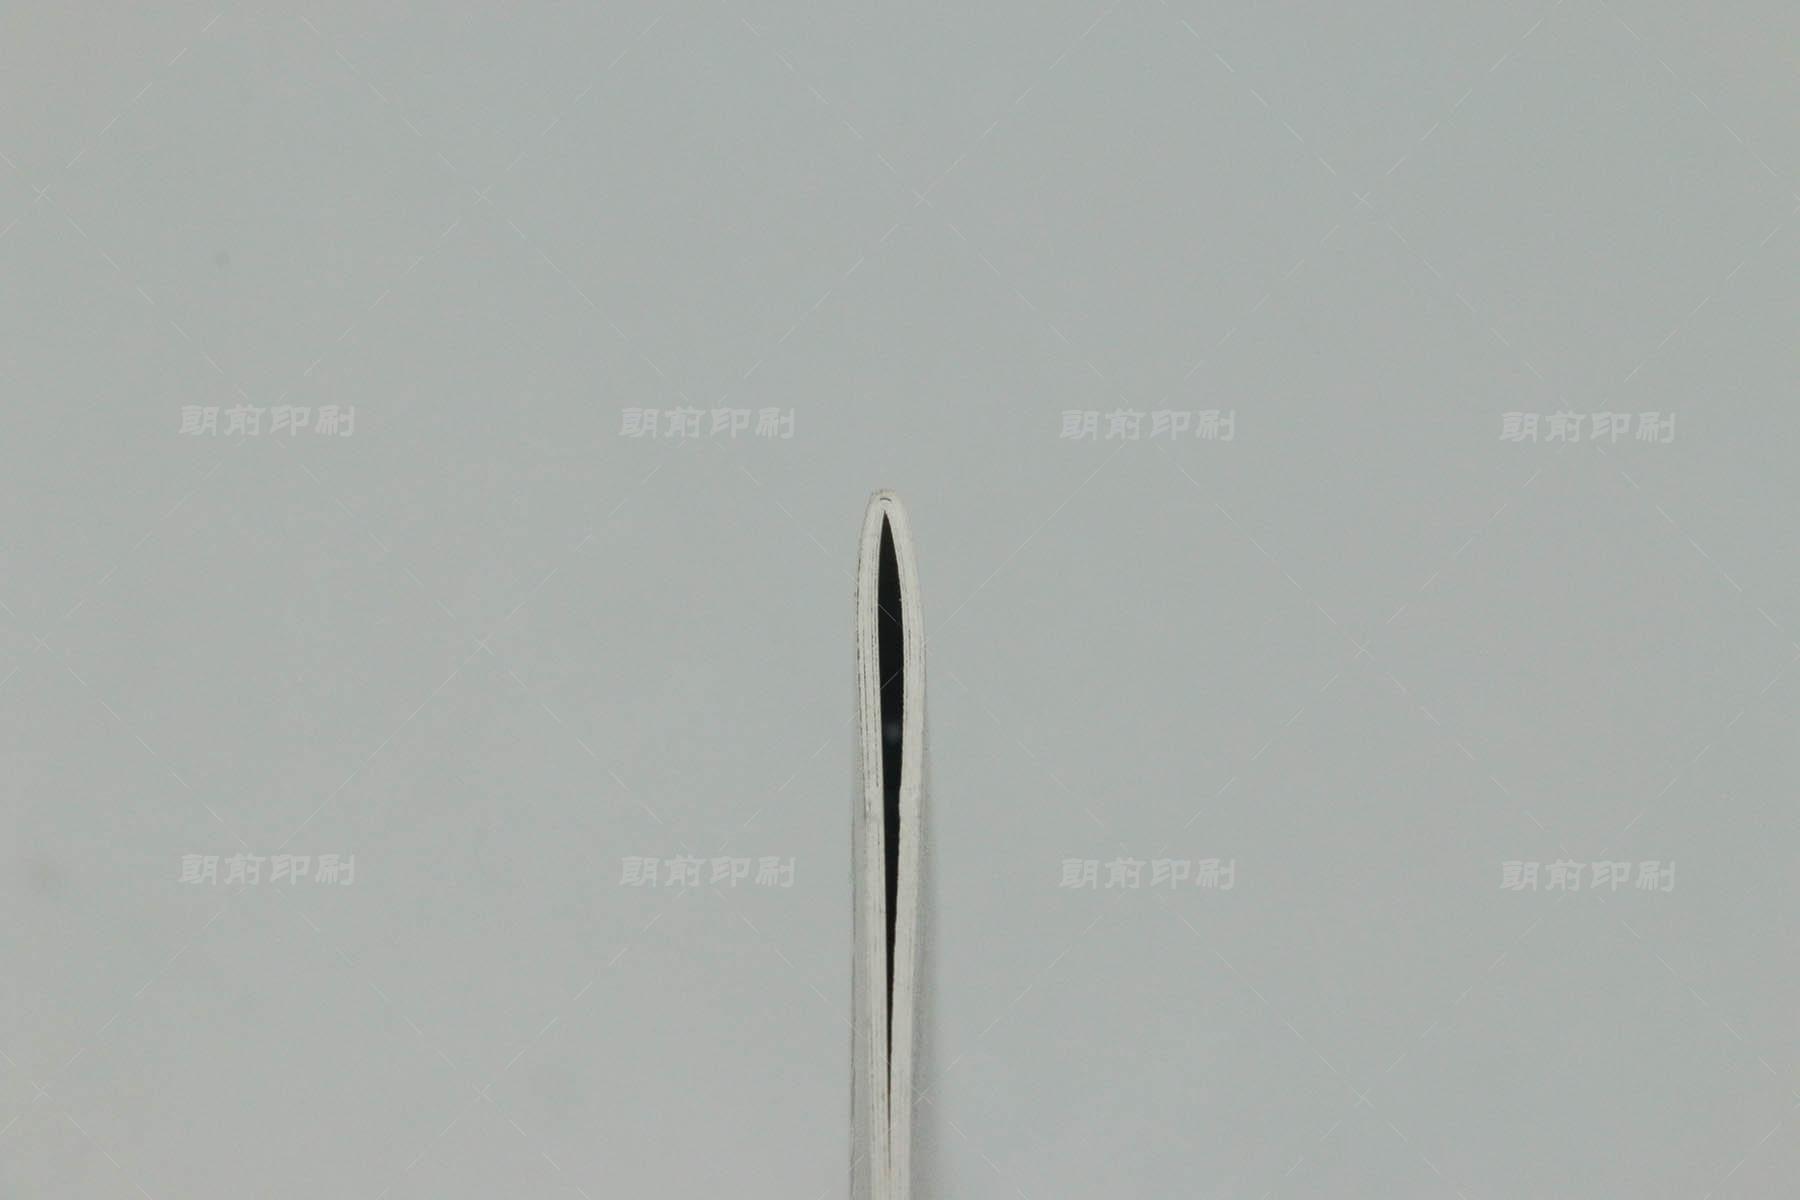 广州专业的画册设计印刷价格 广州画册设计印刷制作公司